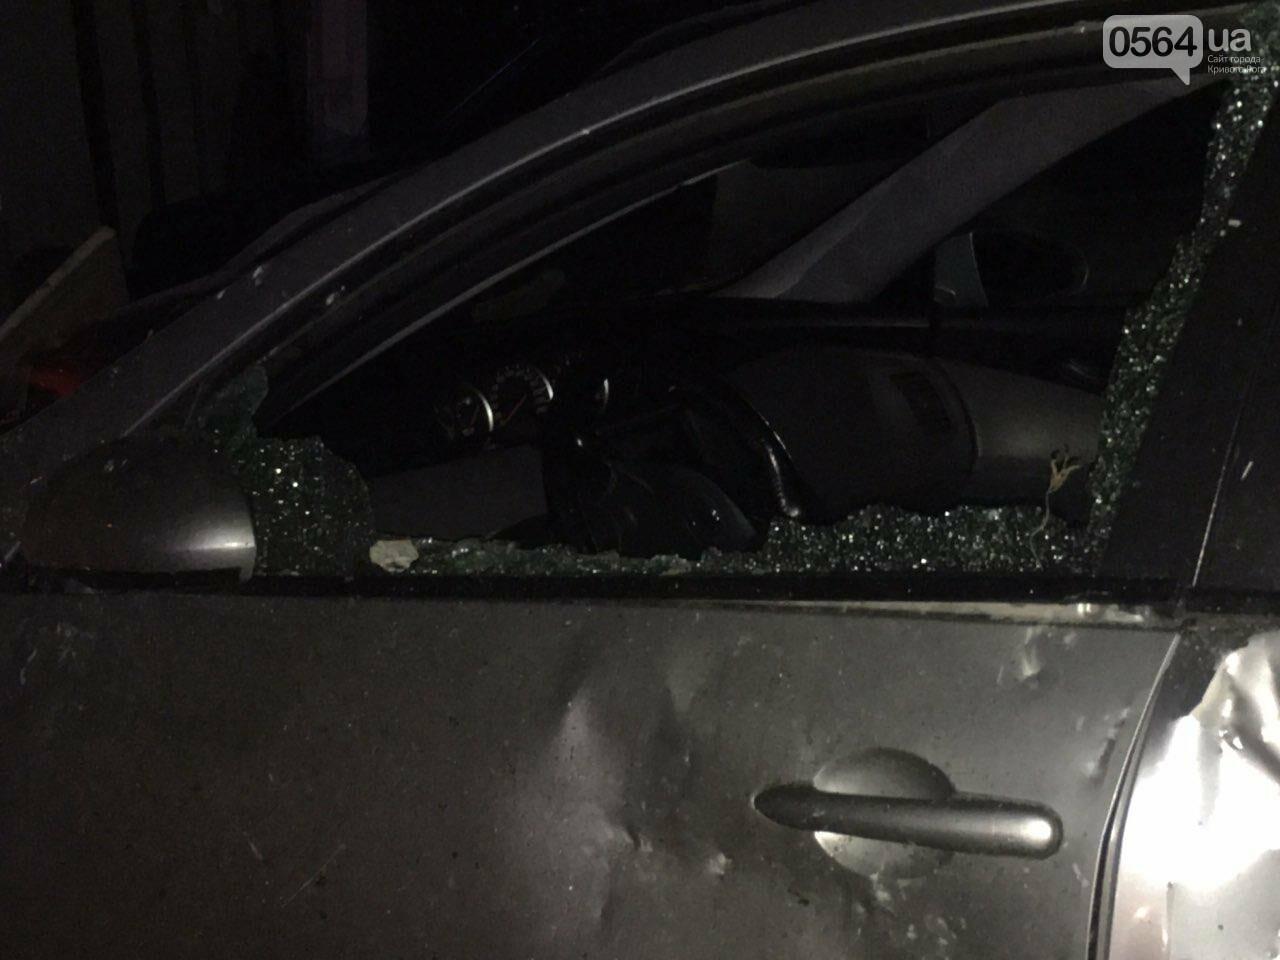 """В Кривом Роге """"BMW"""" снес забор стоянки: повреждено около 10 машин, есть пострадавший, - ФОТО , фото-27"""